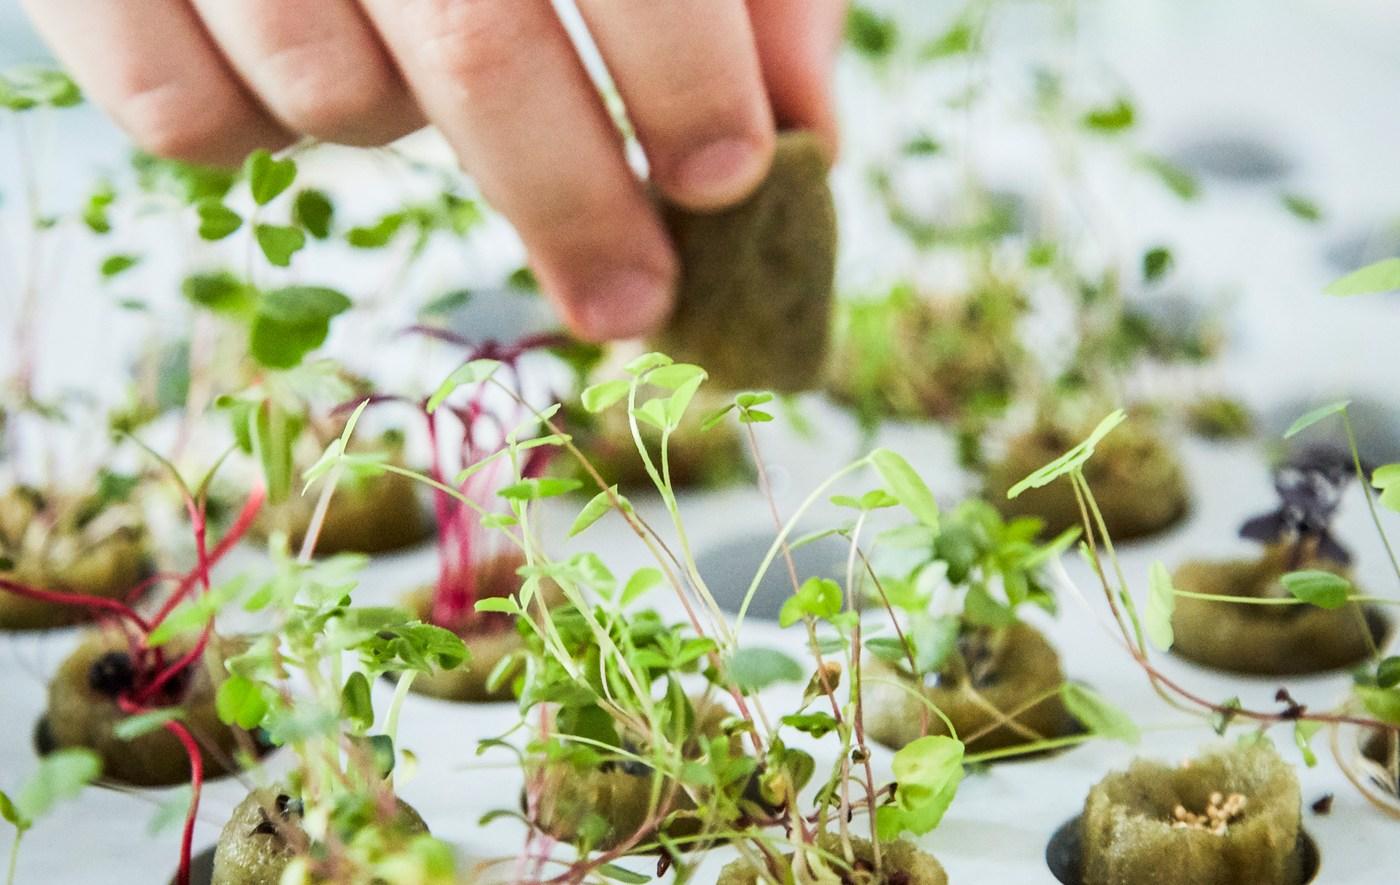 Lien vers le Blogue IDÉES Petits pas vers un monde meilleur. Photo d'une personne plantant des semis sur un plateau.